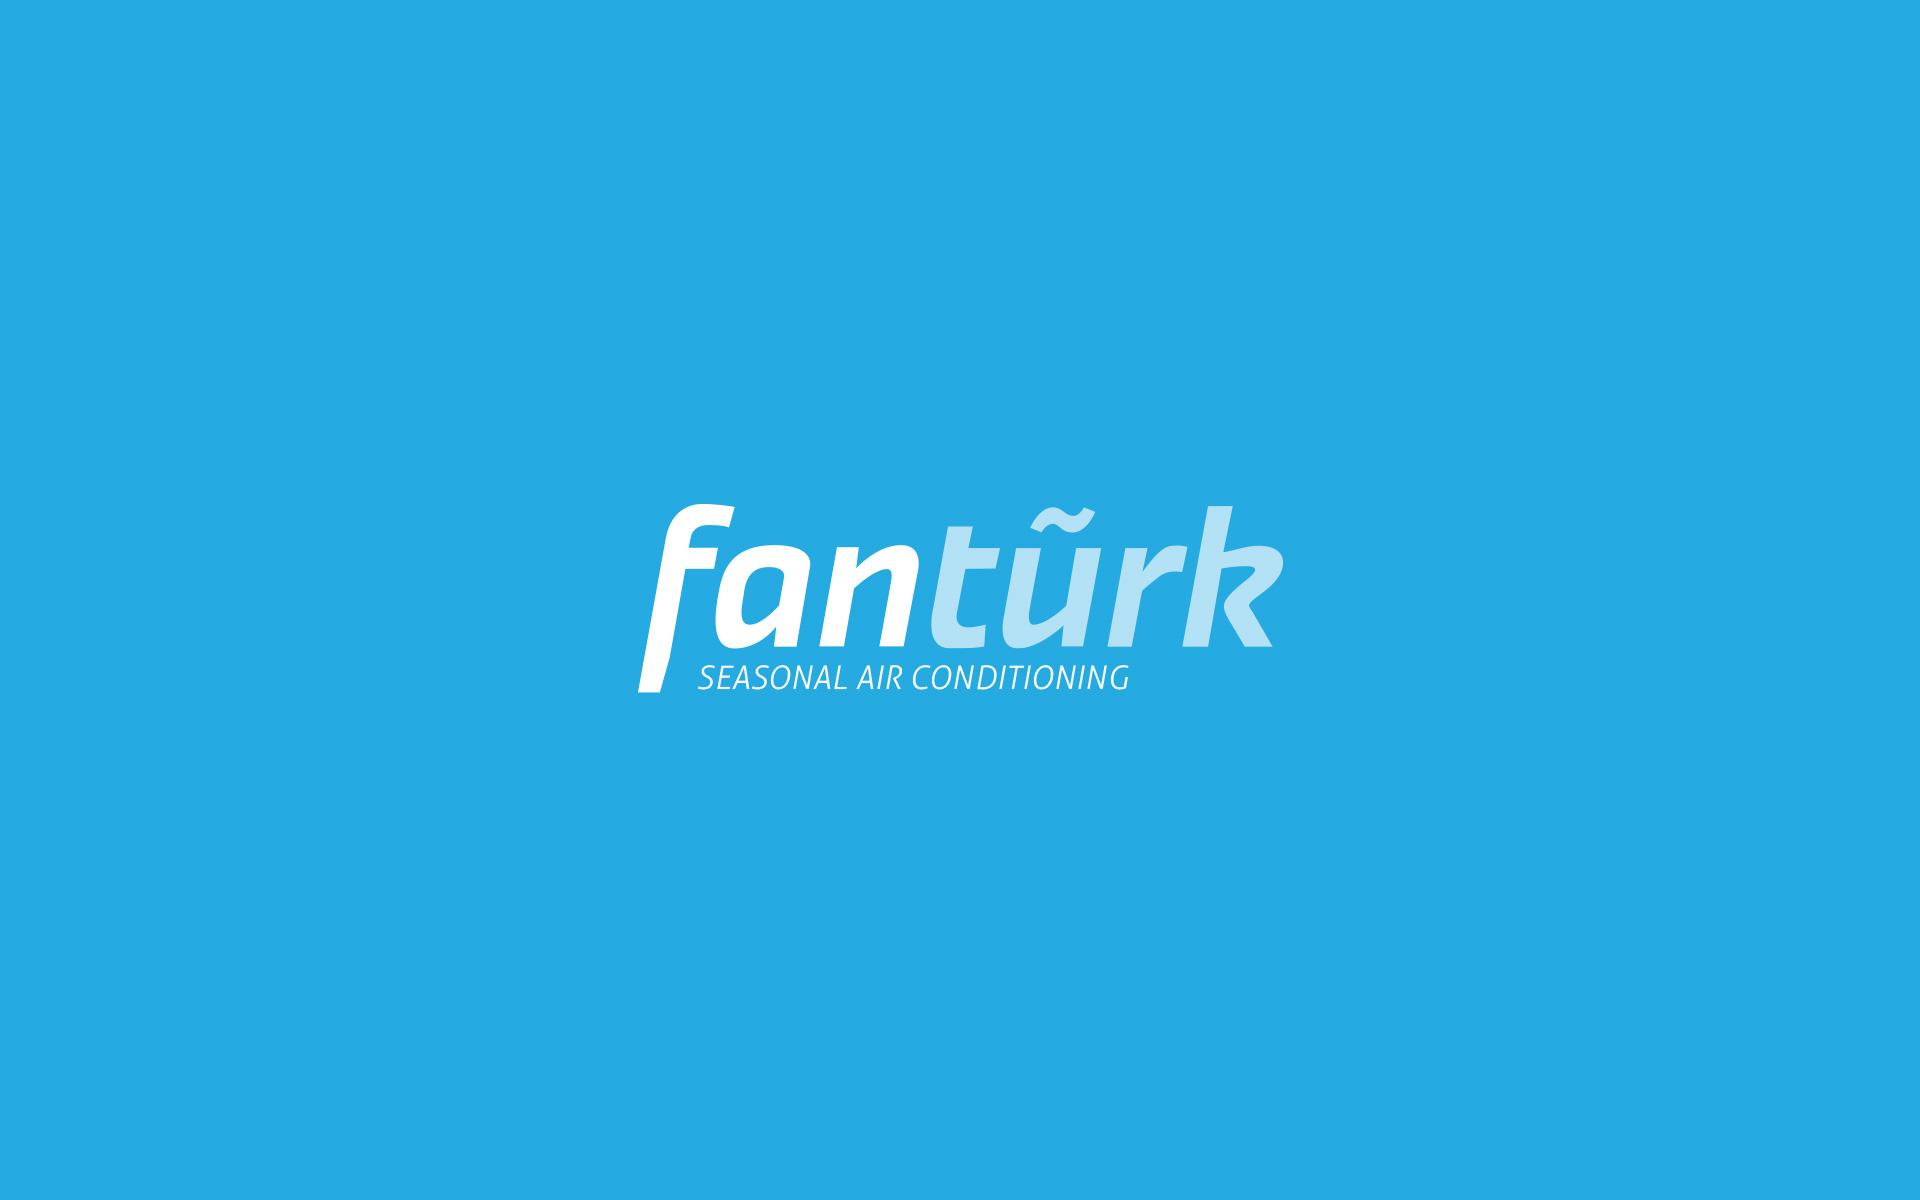 fanturk02